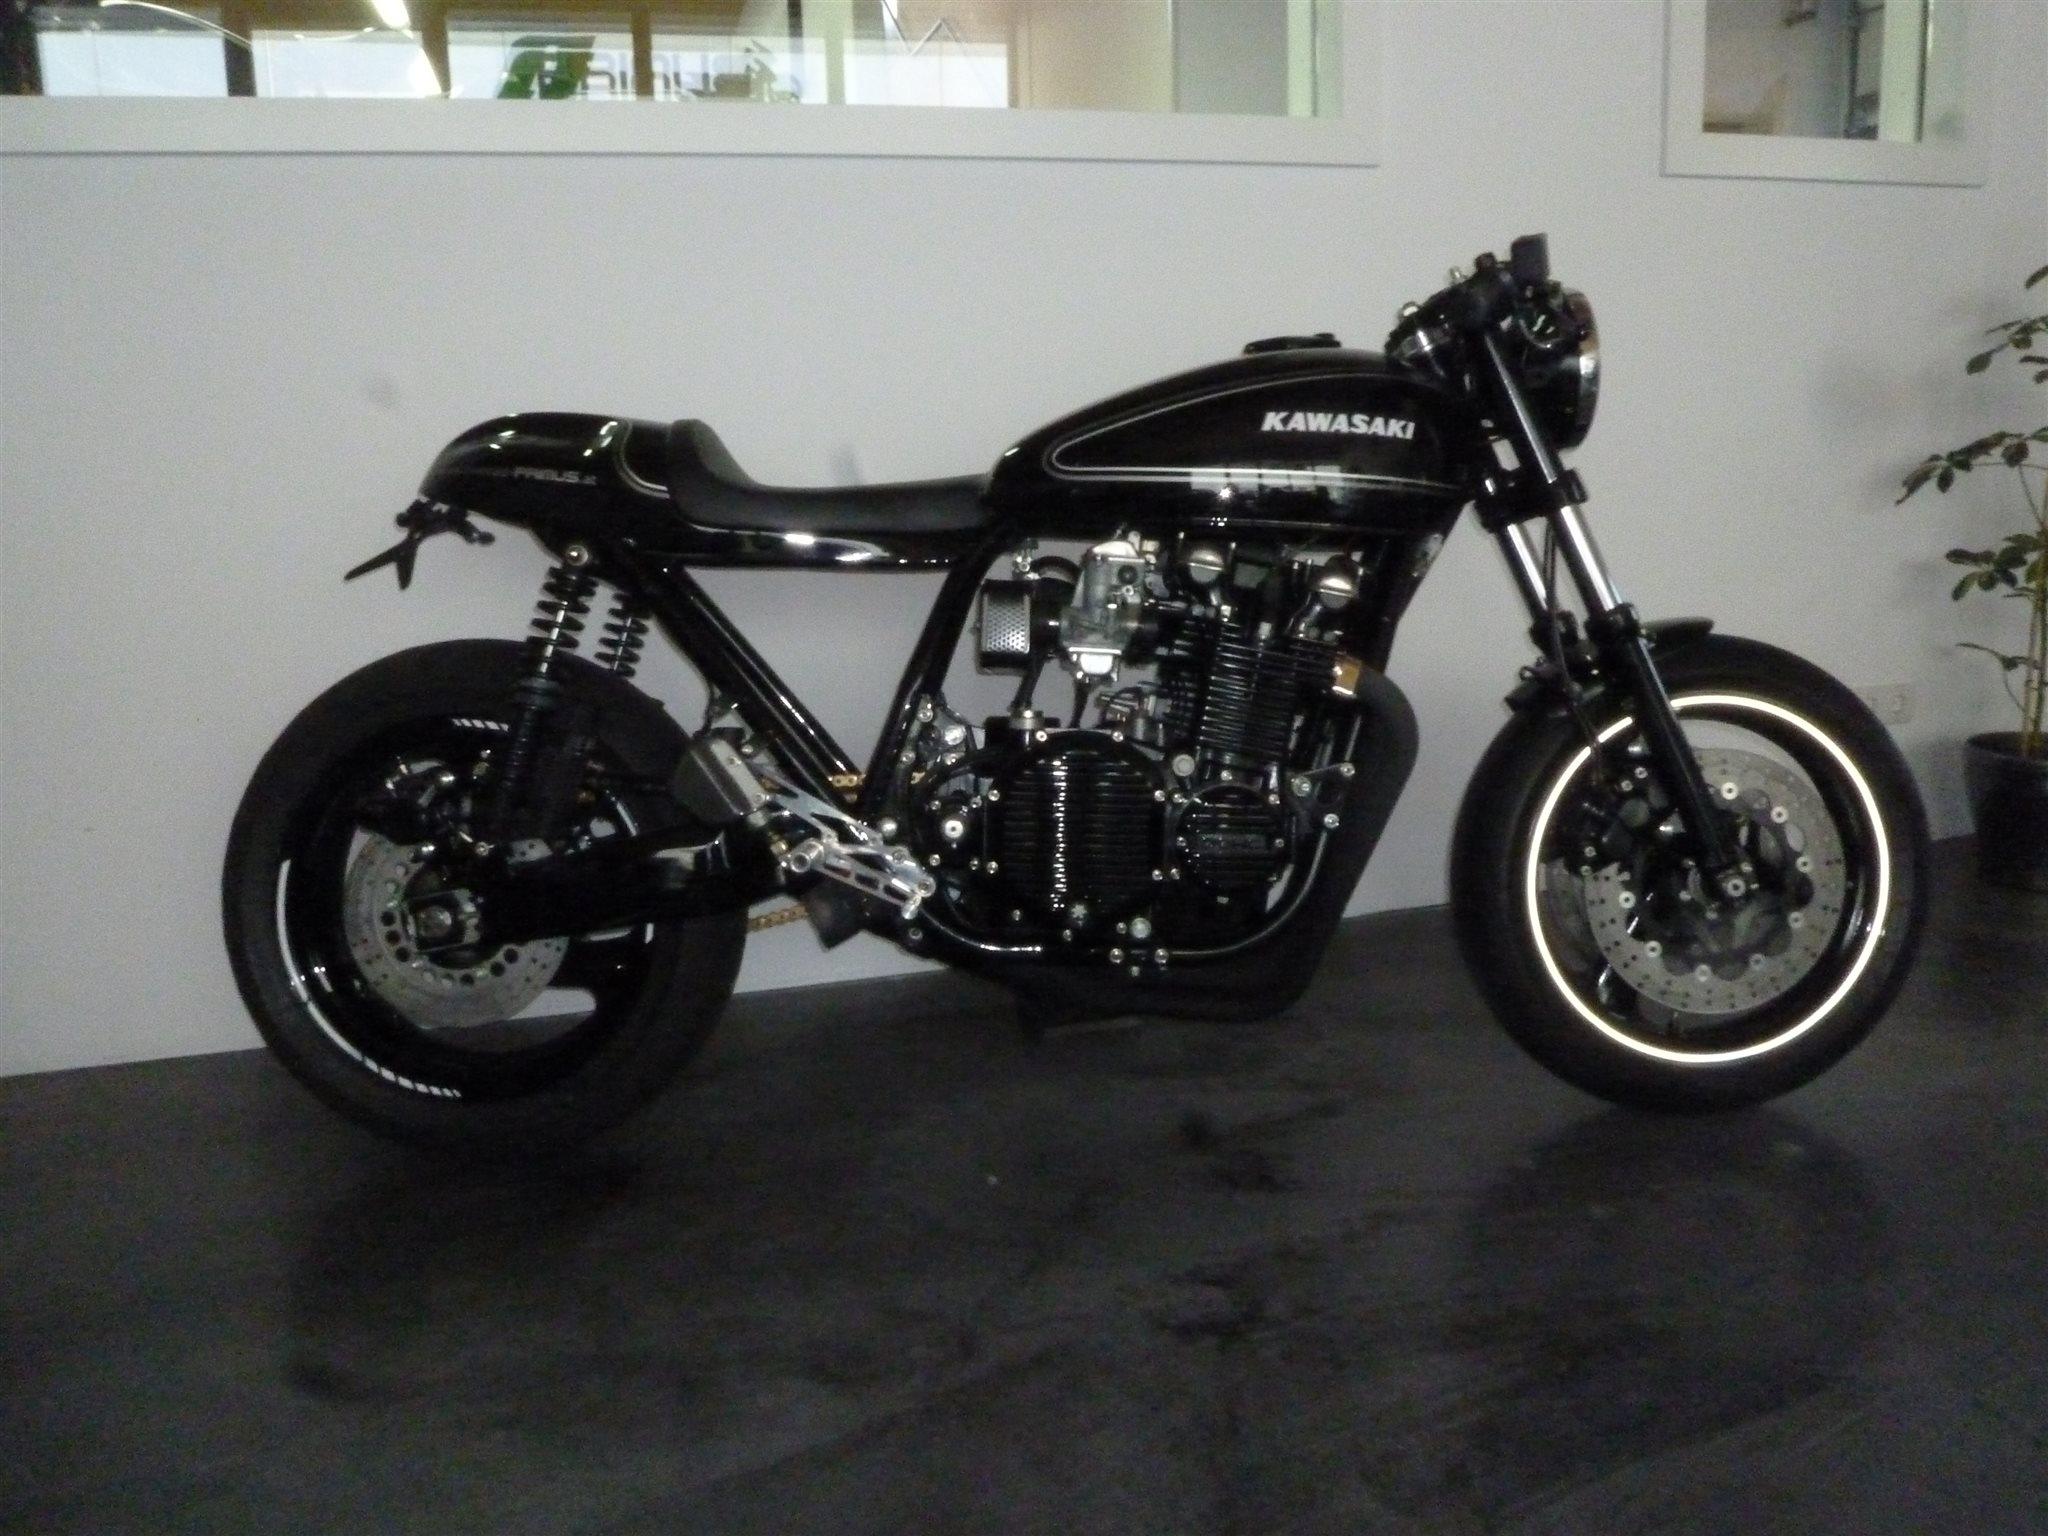 umgebautes motorrad kawasaki z900 von zweiradtechnik. Black Bedroom Furniture Sets. Home Design Ideas